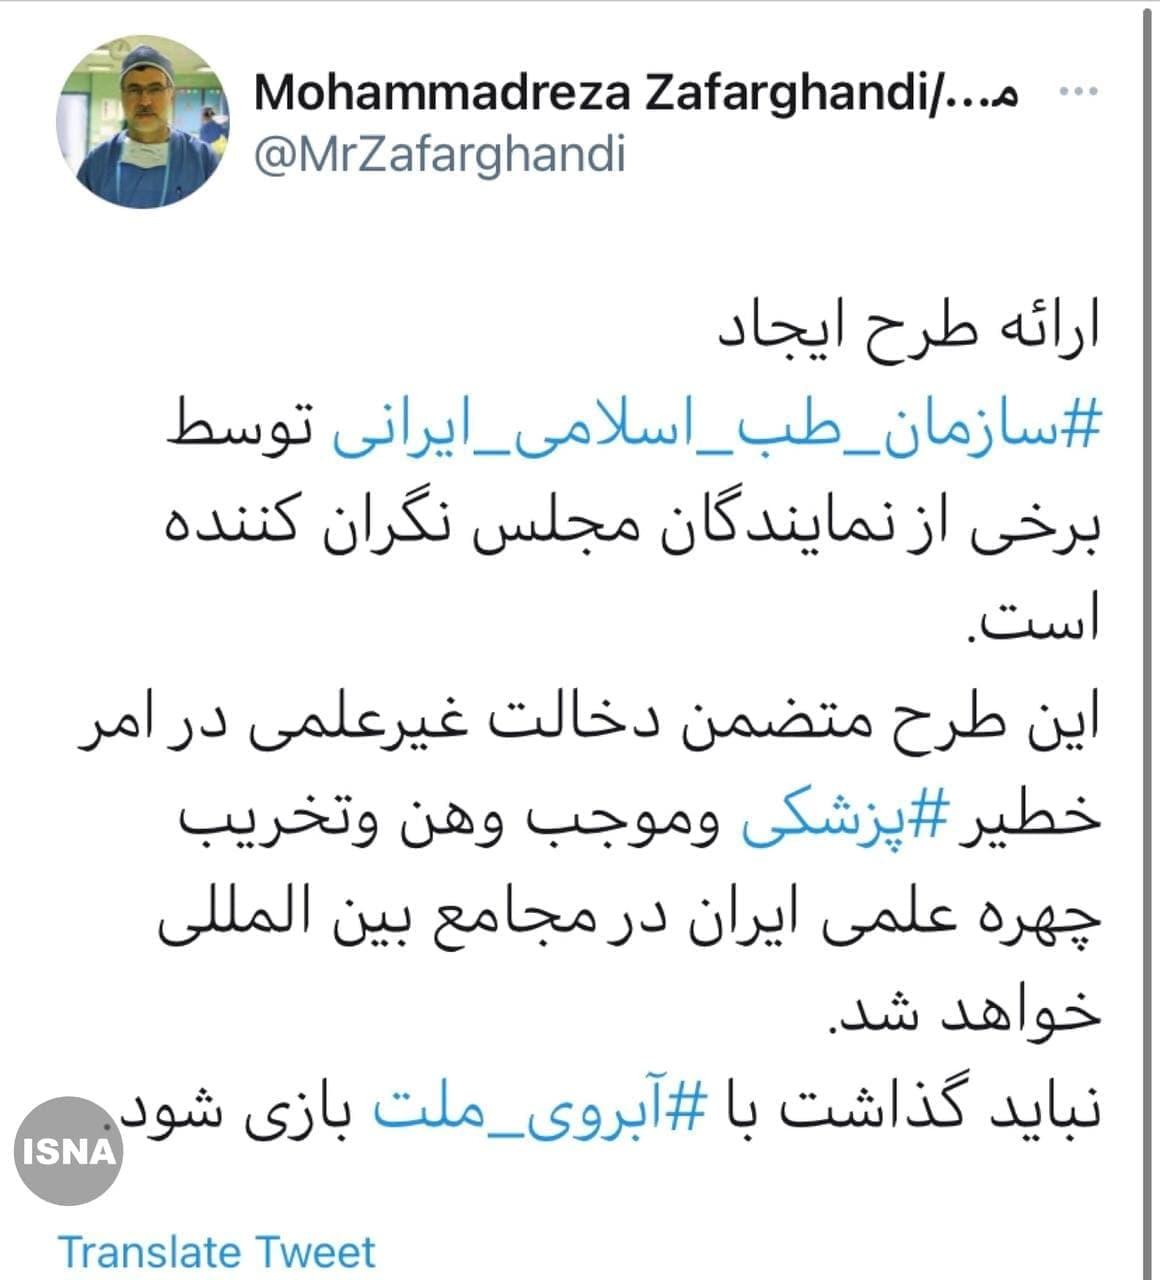 ابراز نگرانی رییس سازمان نظام پزشکی از ارائه طرح ایجاد «سازمان طب اسلامی ایران»